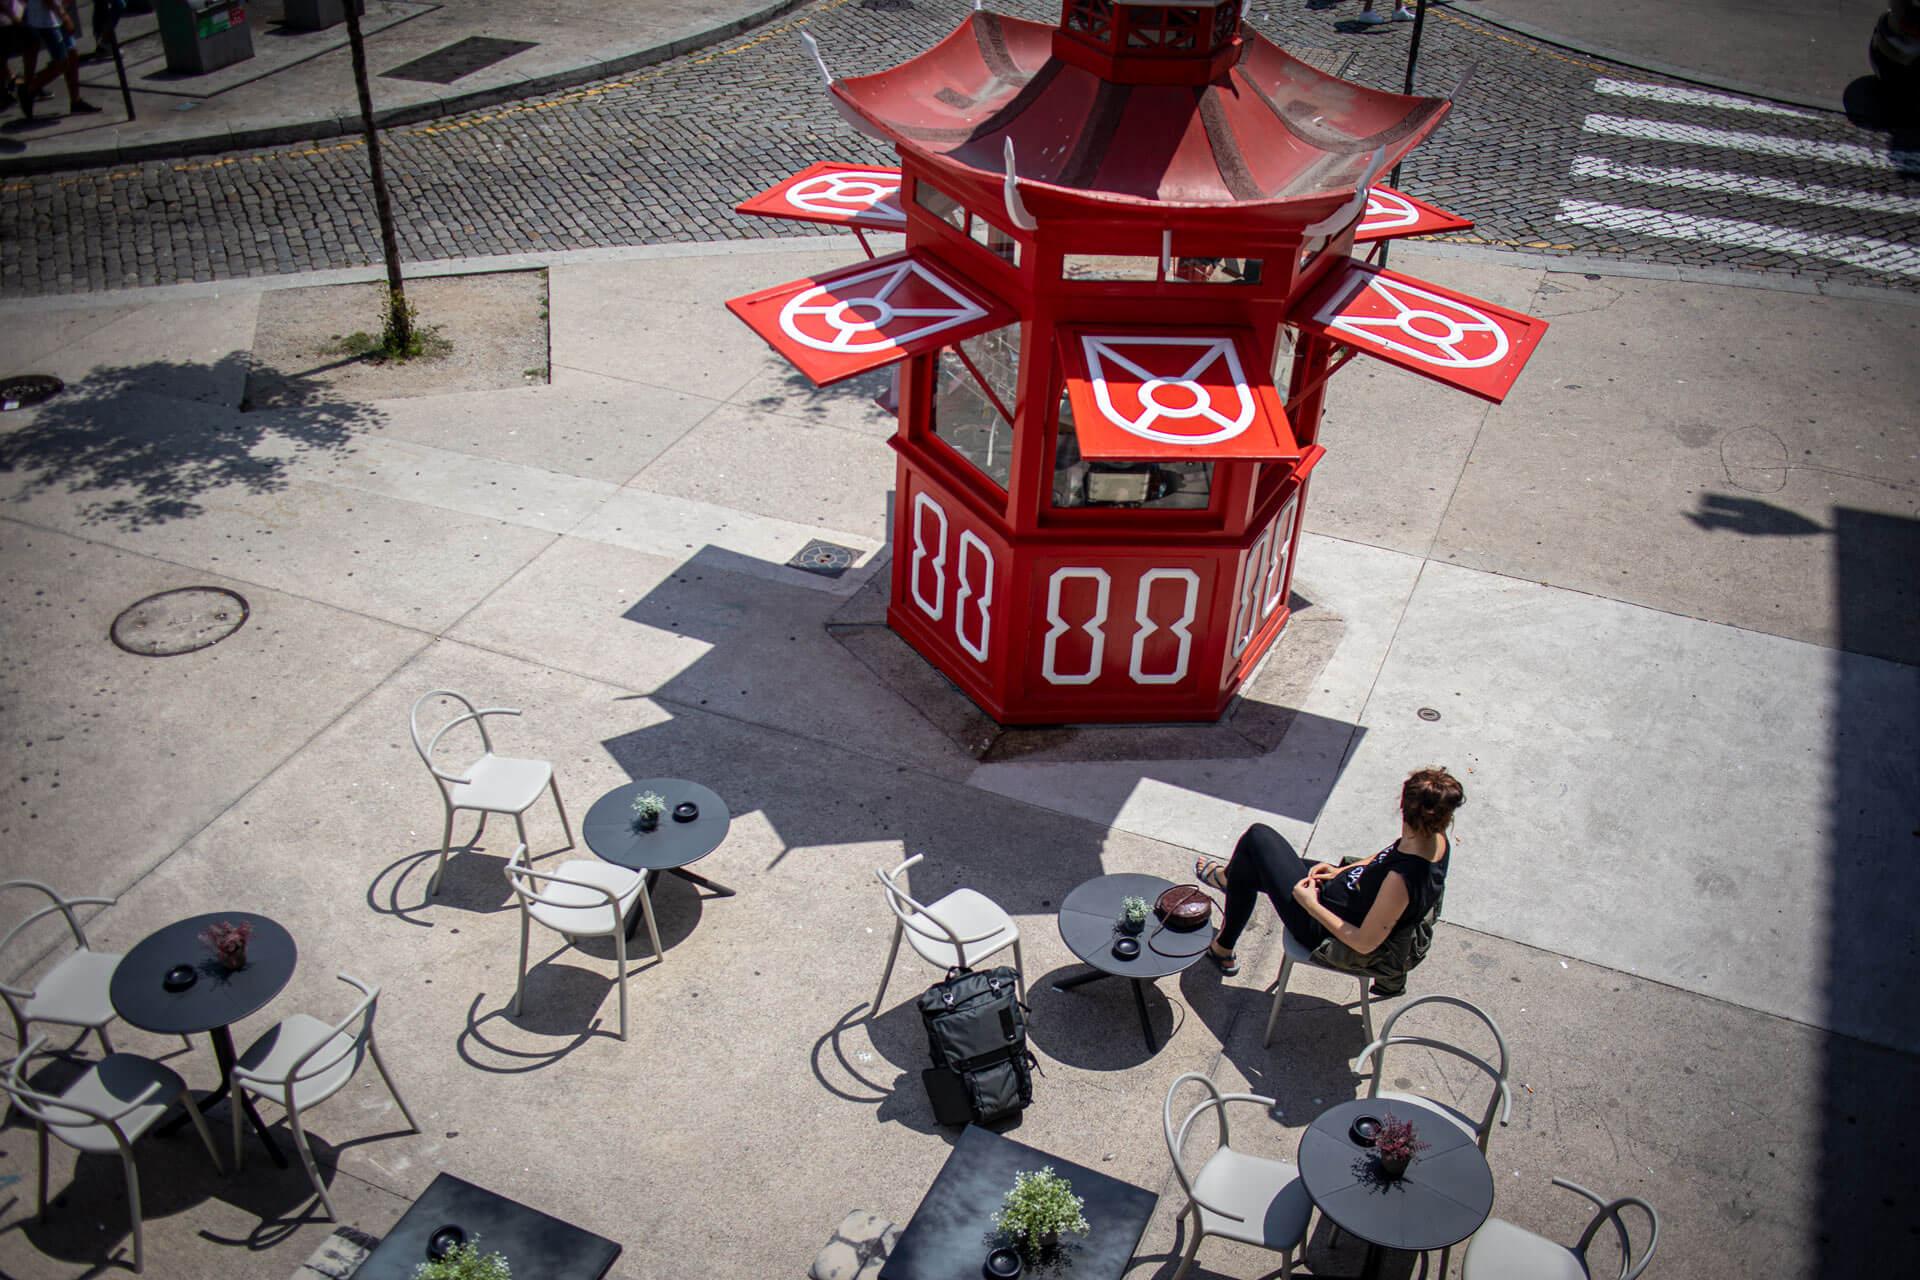 Porto Sehenswürdigkeiten: 8 Tipps abseits der Trampelpfade